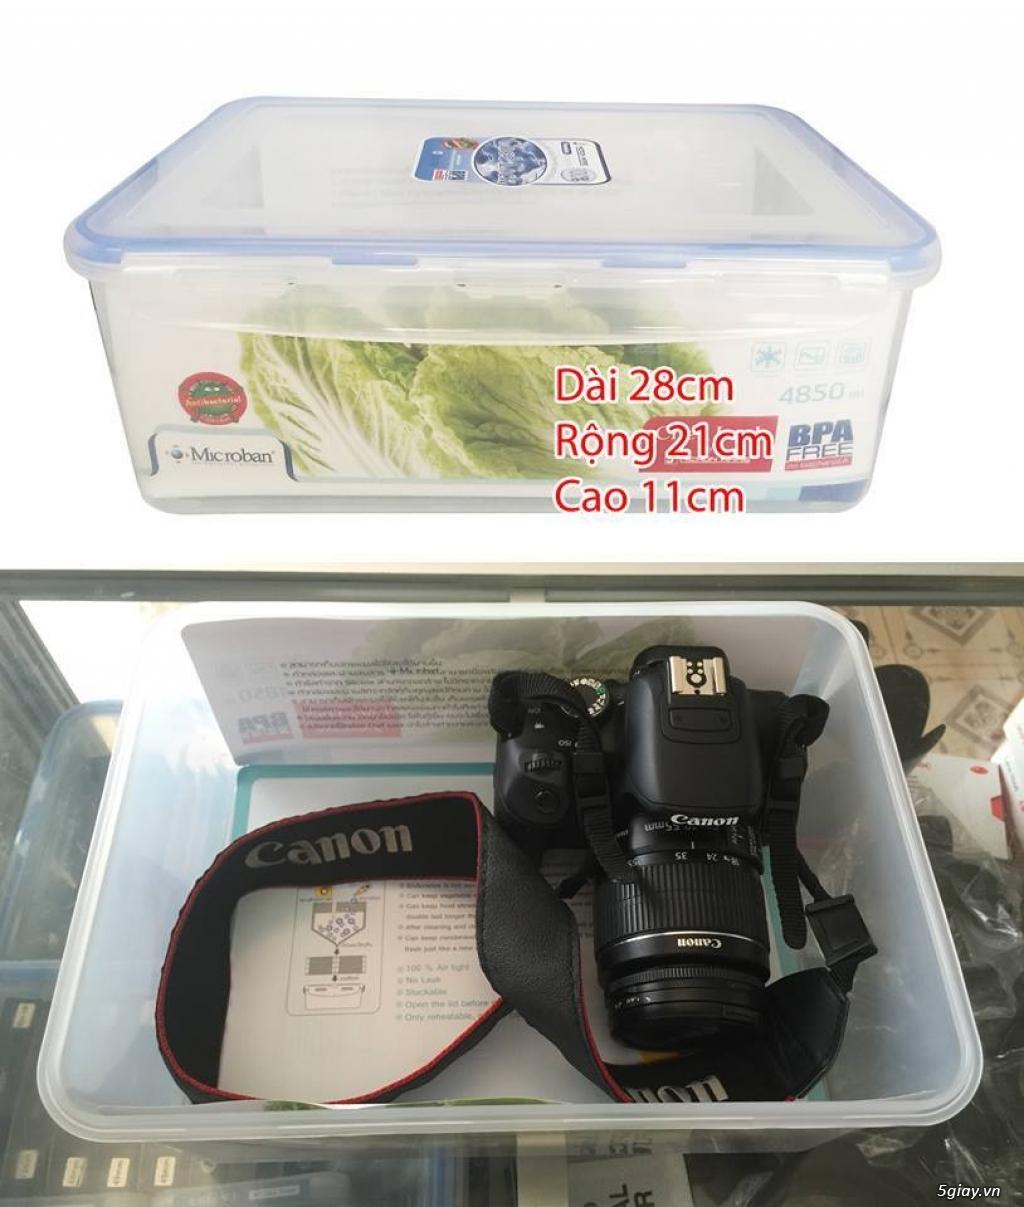 [mshopcamera] hộp chống ẩm, hạt hút ẩm (xanh, trắng), ẩm kế cơ, điện tử, mút chống sốc - giá rẻ !!! - 8